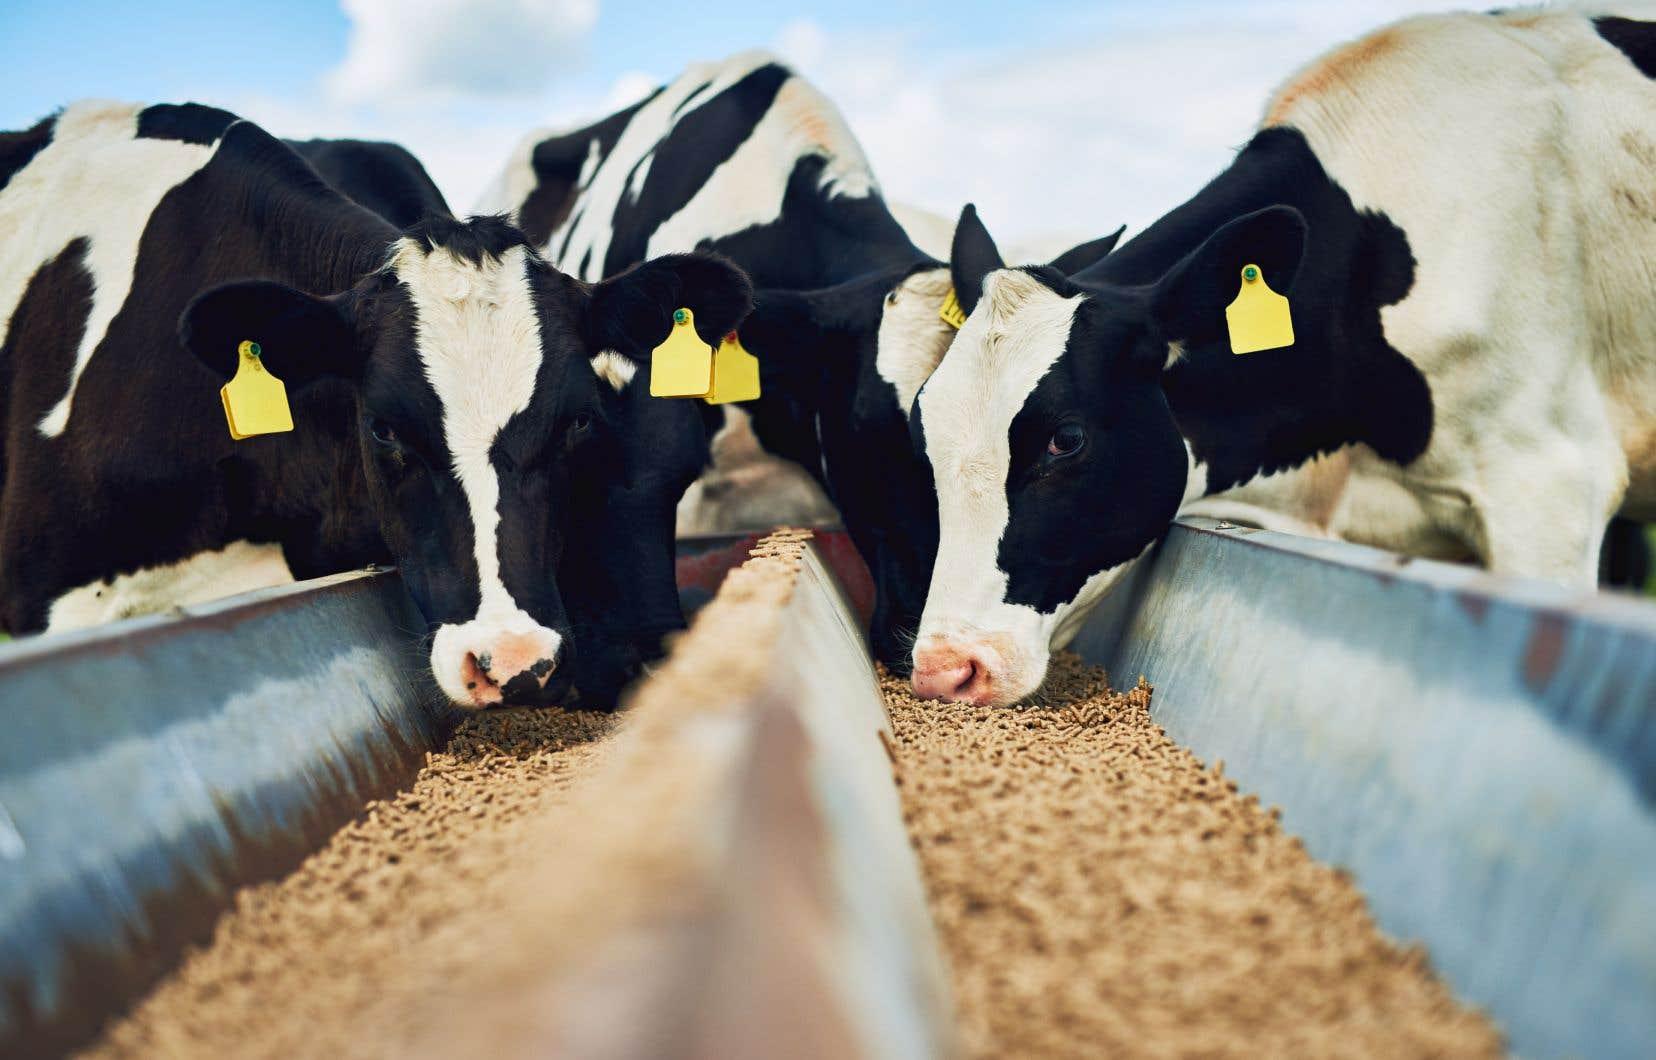 Dans les pays développés, l'objectif de souveraineté alimentaire s'est traduit par différents programmes de gestion de l'offre et par l'allocation de subventions généreuses aux exploitations agricoles, note l'auteur.